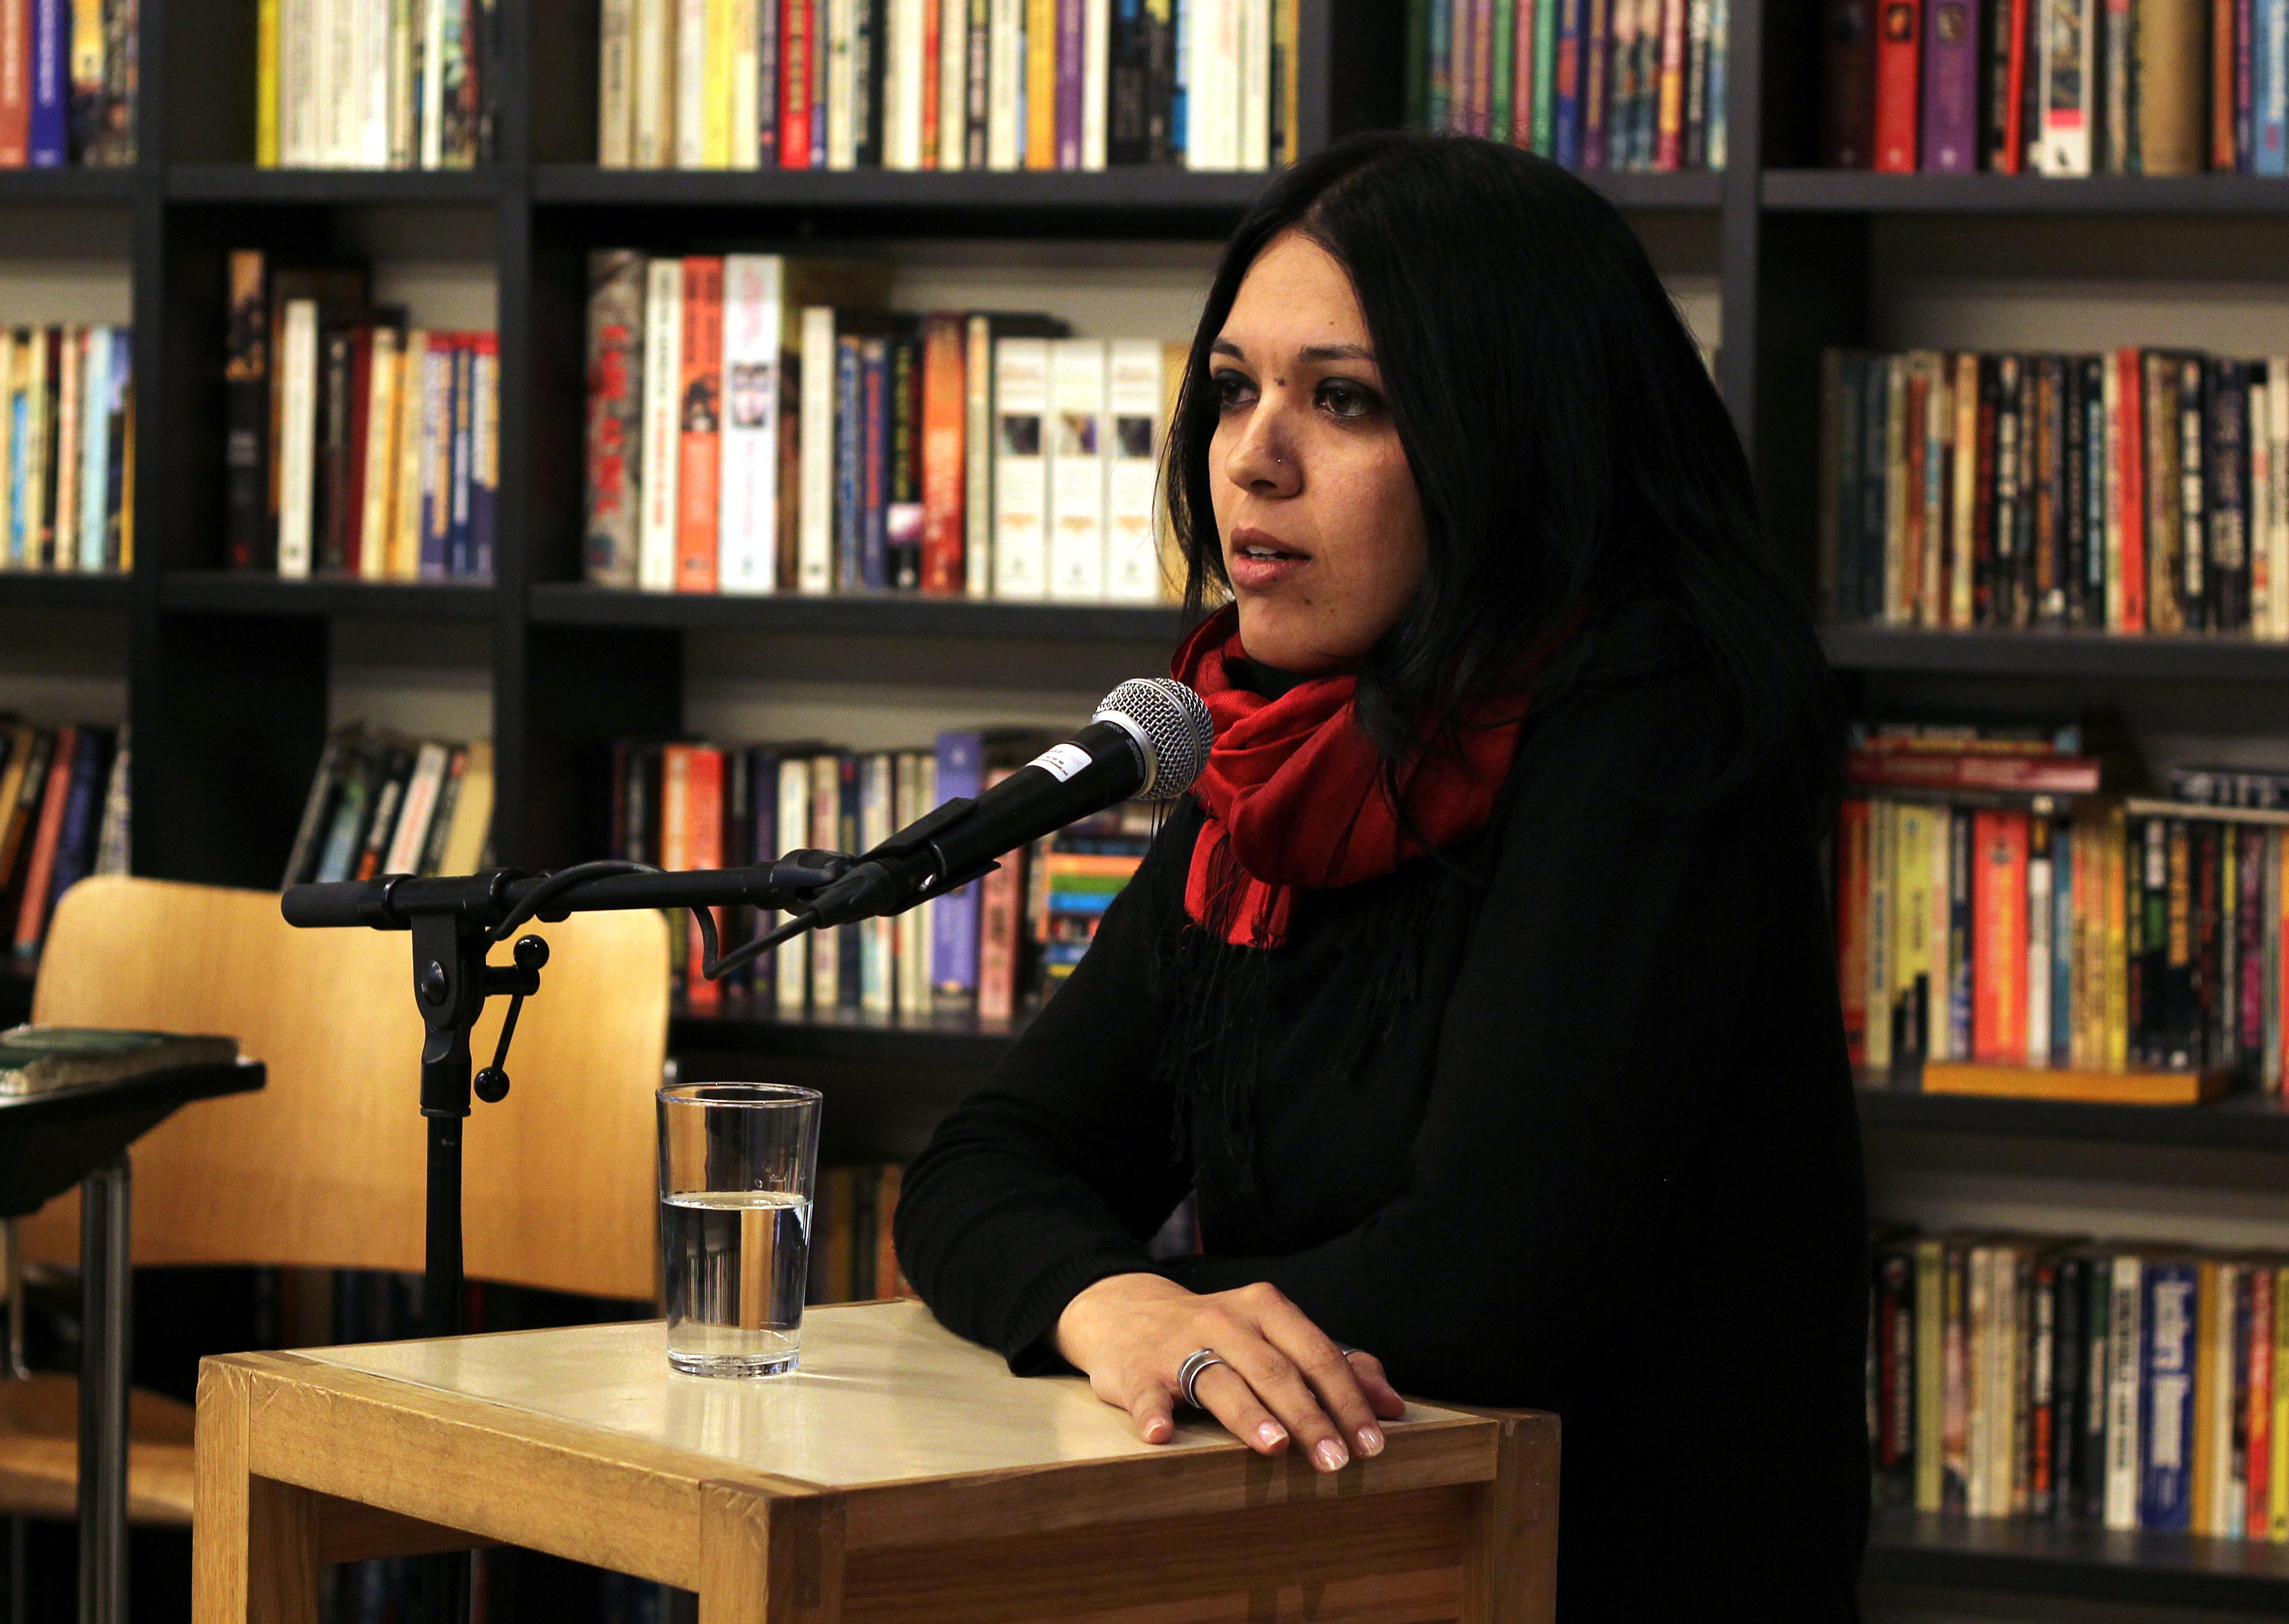 Francesca Borri på Litteraturhuset 23. september. Foto: K. Ziesler / IR